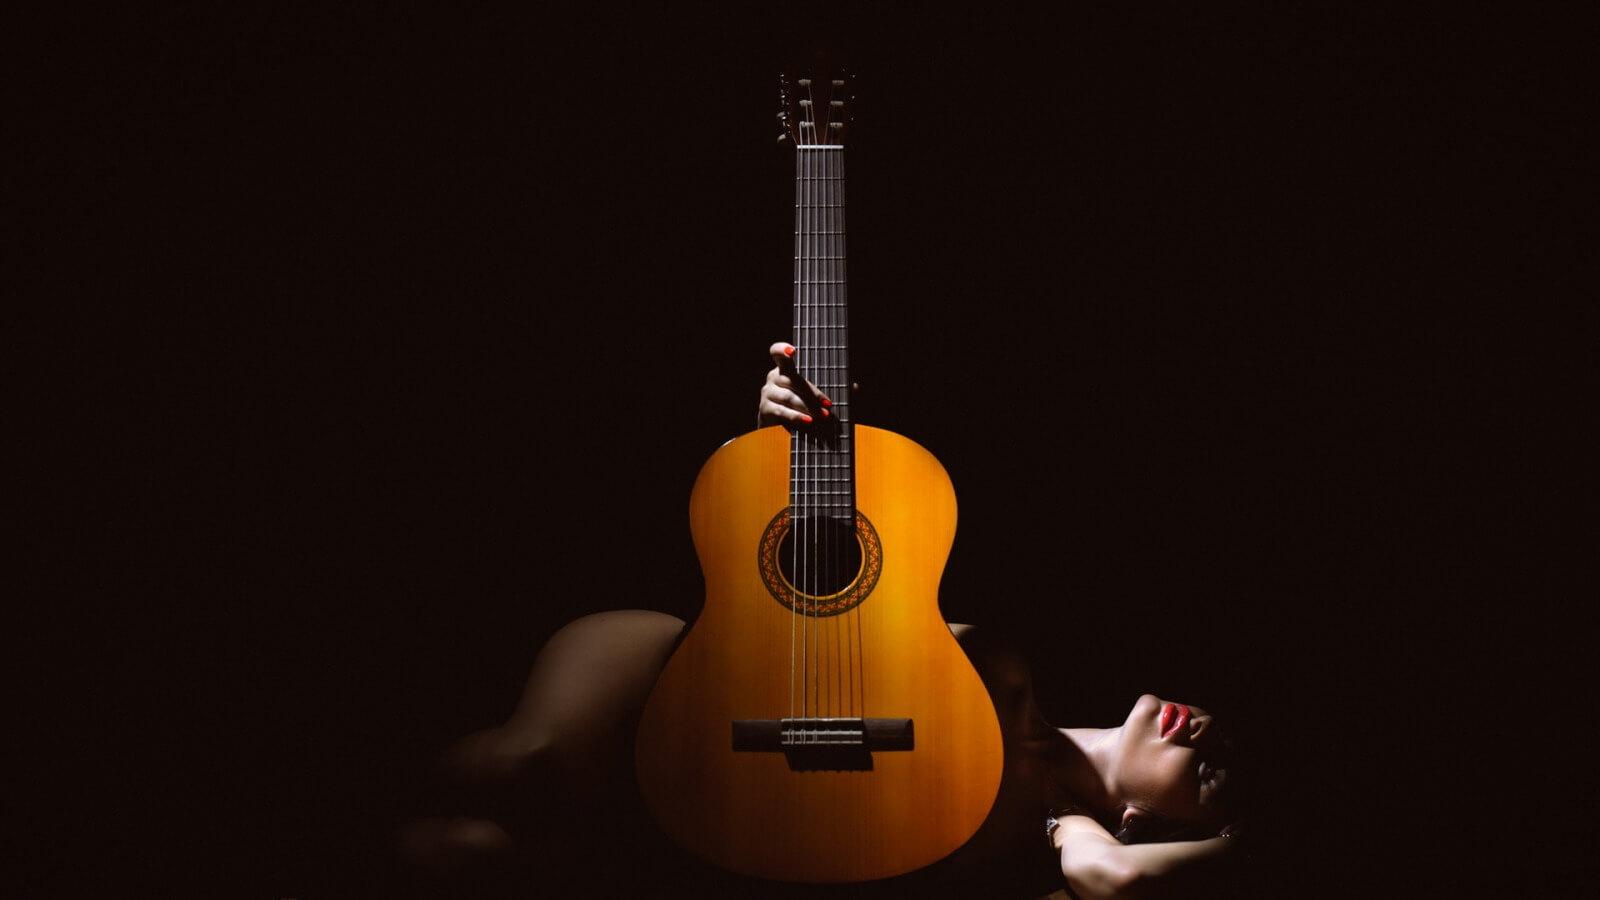 Прикольные картинки девушка и музыка, лучшие обои, фото (26 штук) 3